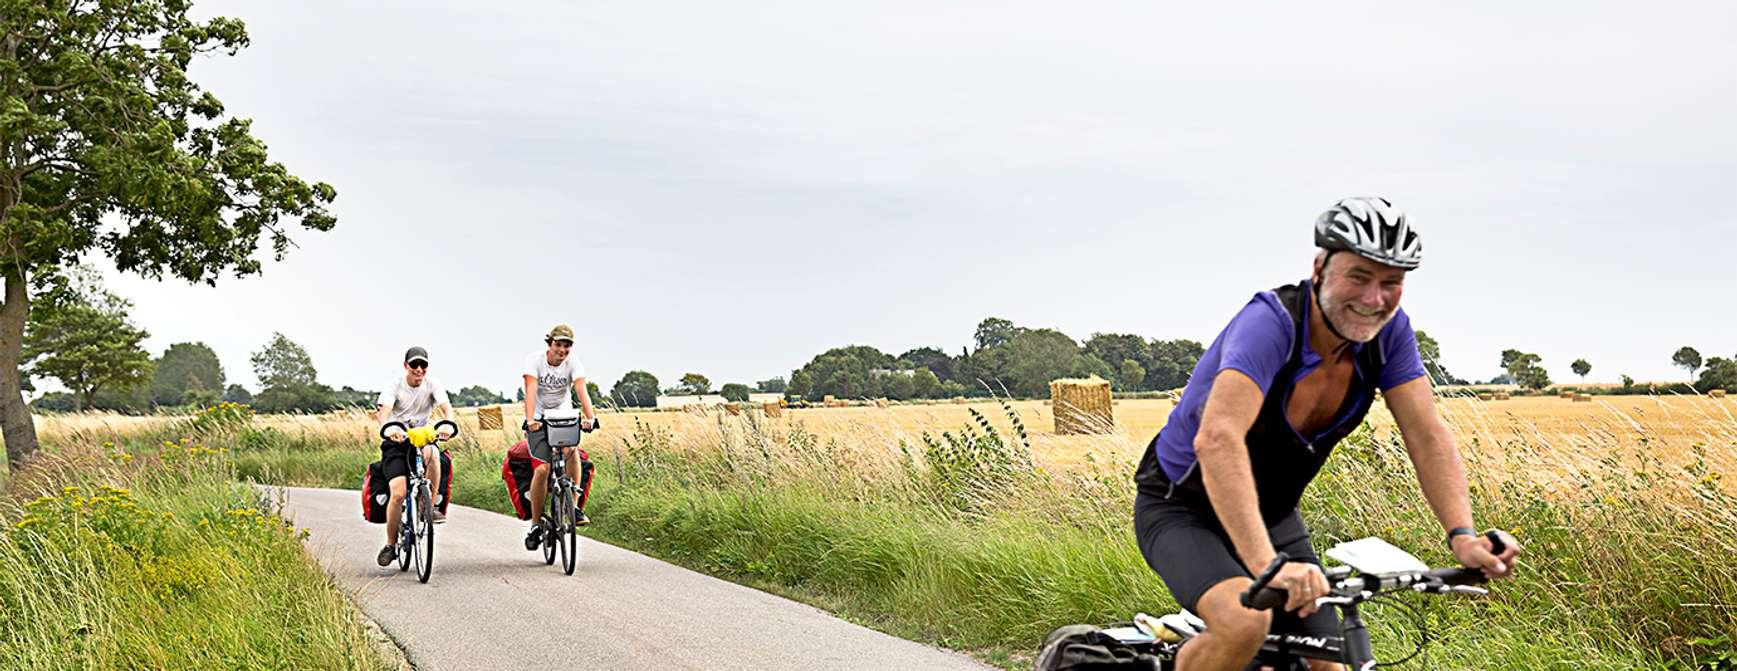 På sykkeltur i Danmark. Foto: Visit Denmark